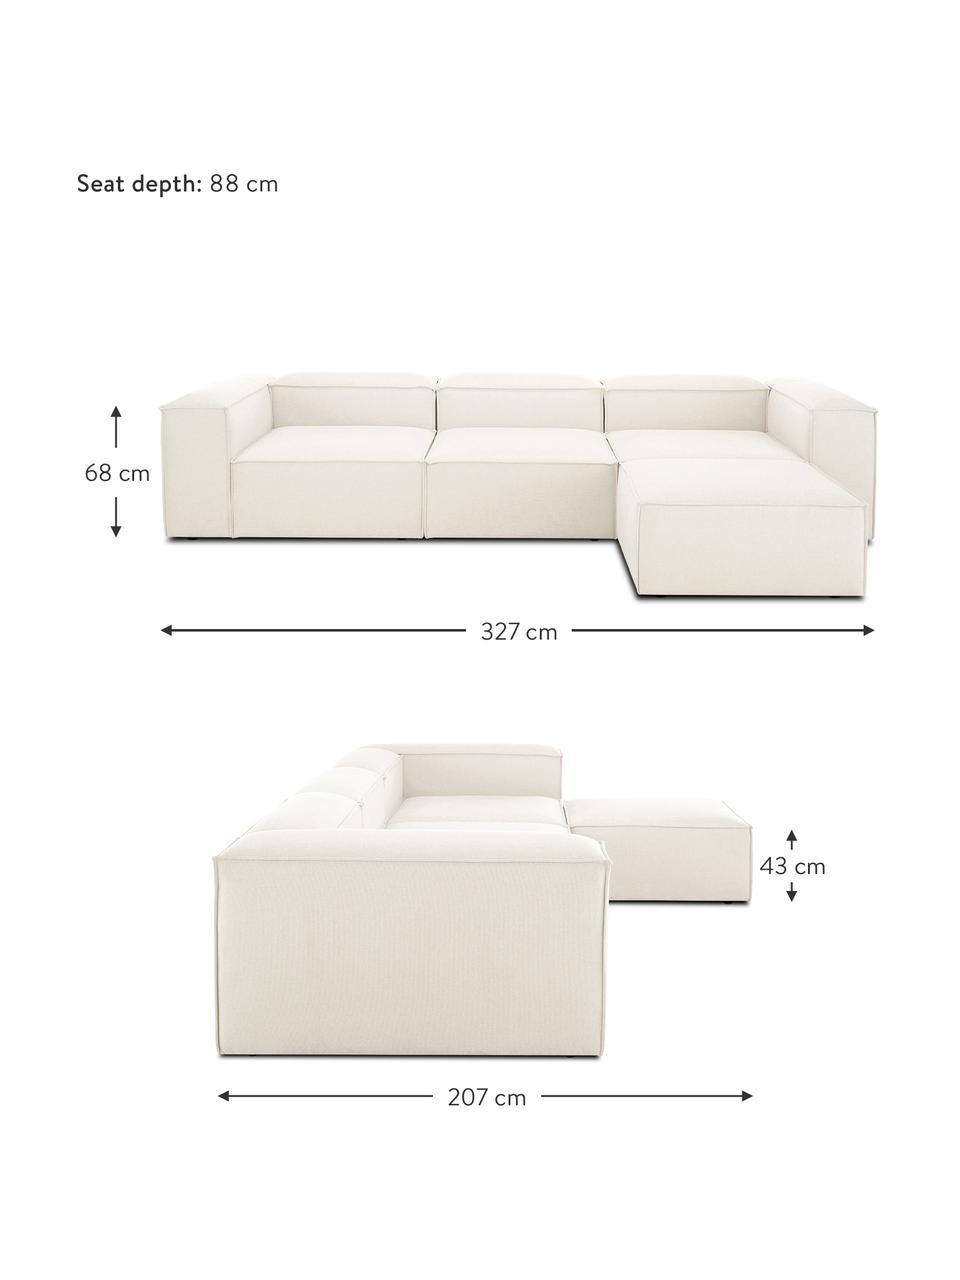 Modulaire hoekbank Lennon, Bekleding: polyester, Frame: massief grenenhout, multi, Poten: kunststof, Beige, 327 x 207 cm